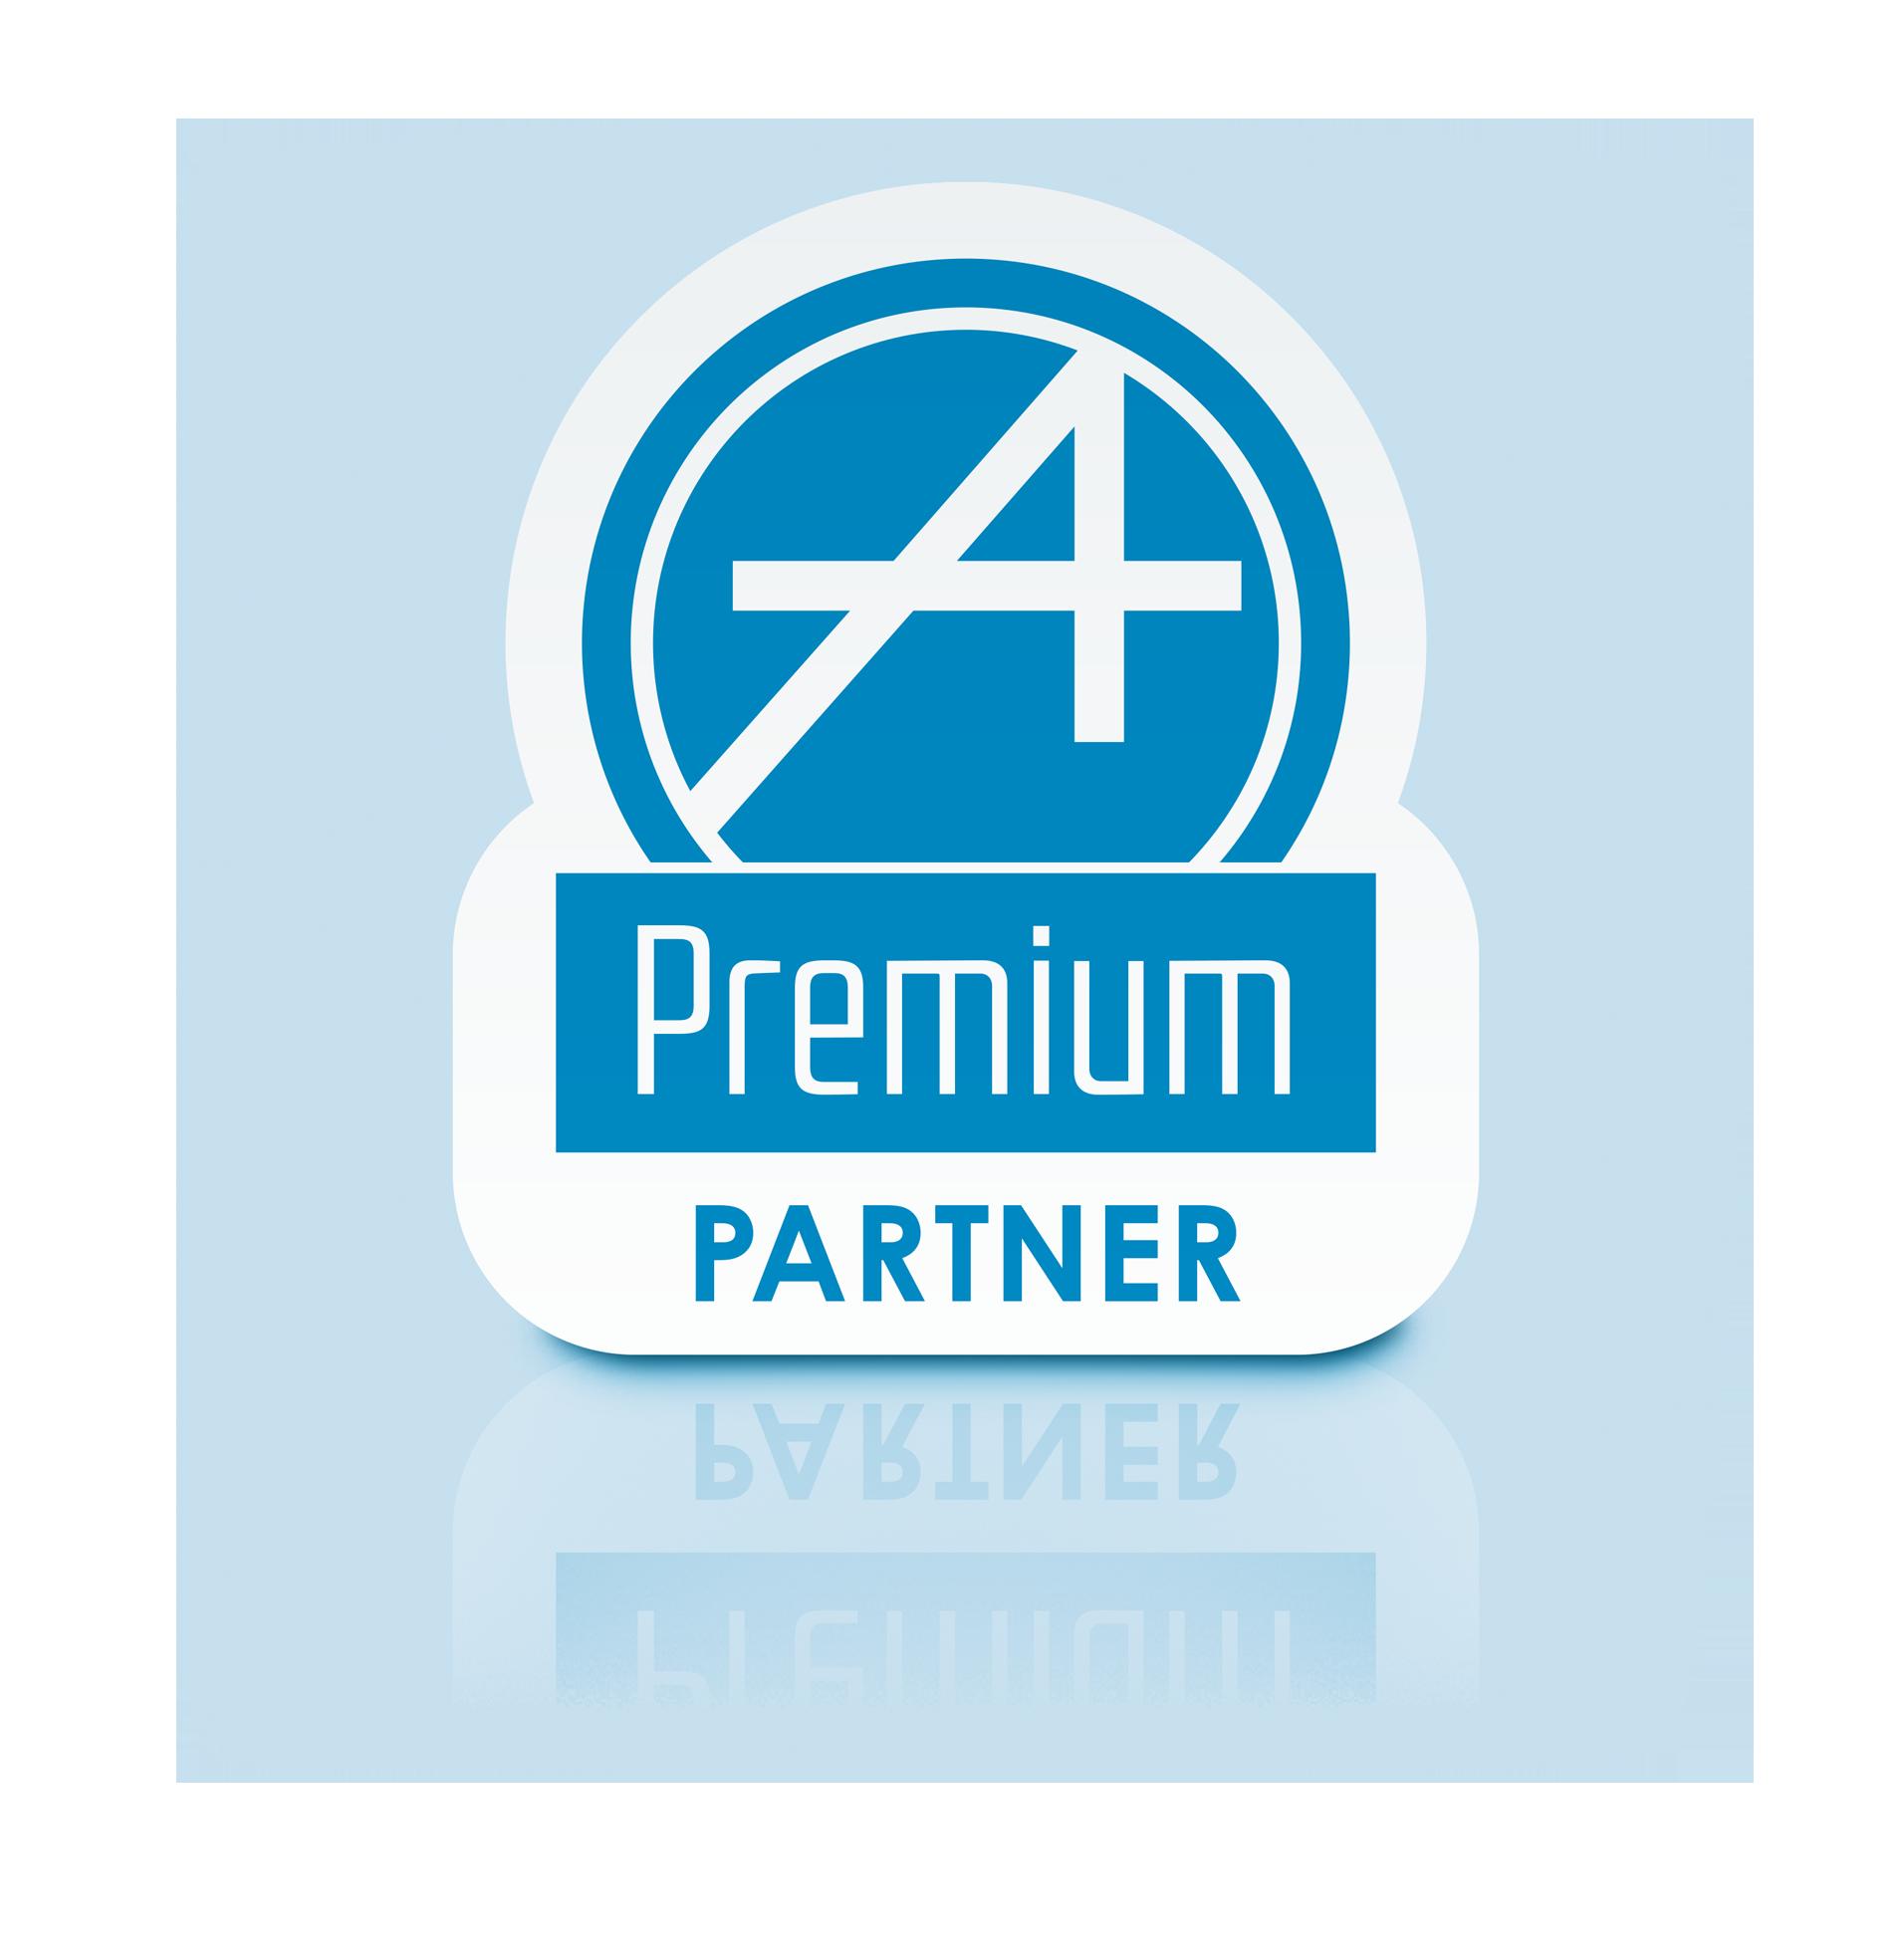 Premium_Partner_10cm_RGB.PNG